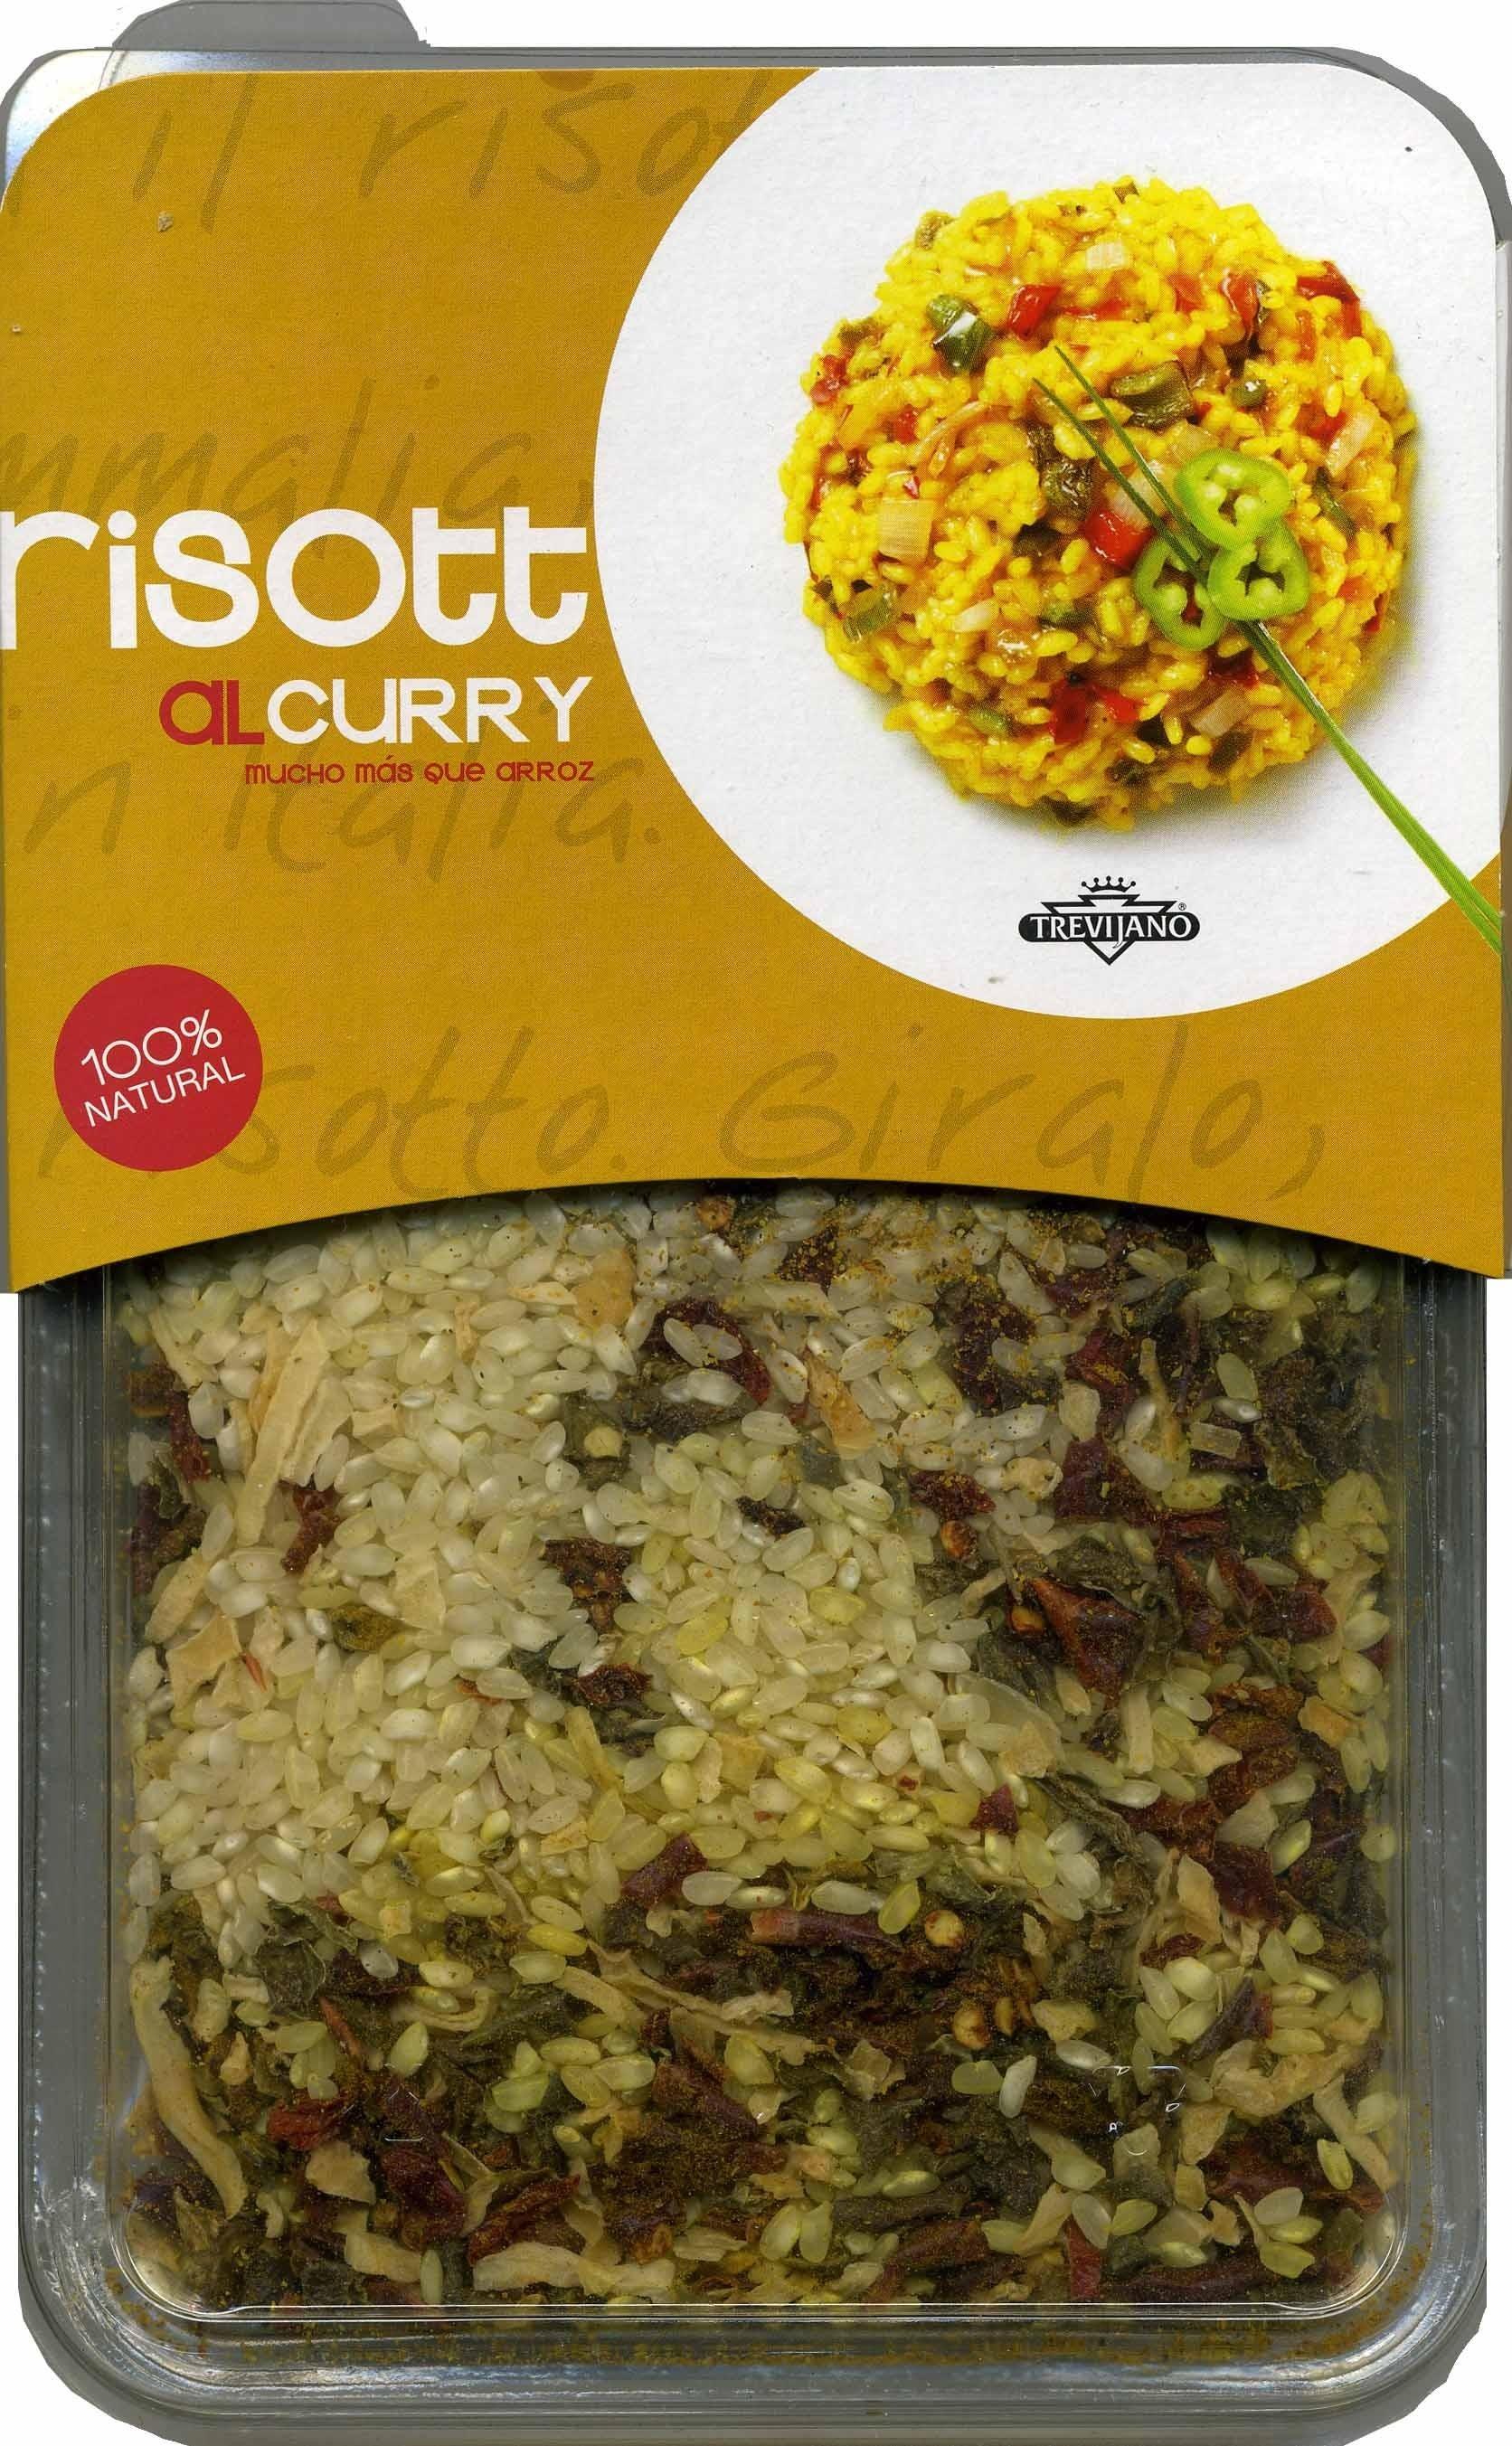 Risotto al curry - Producto